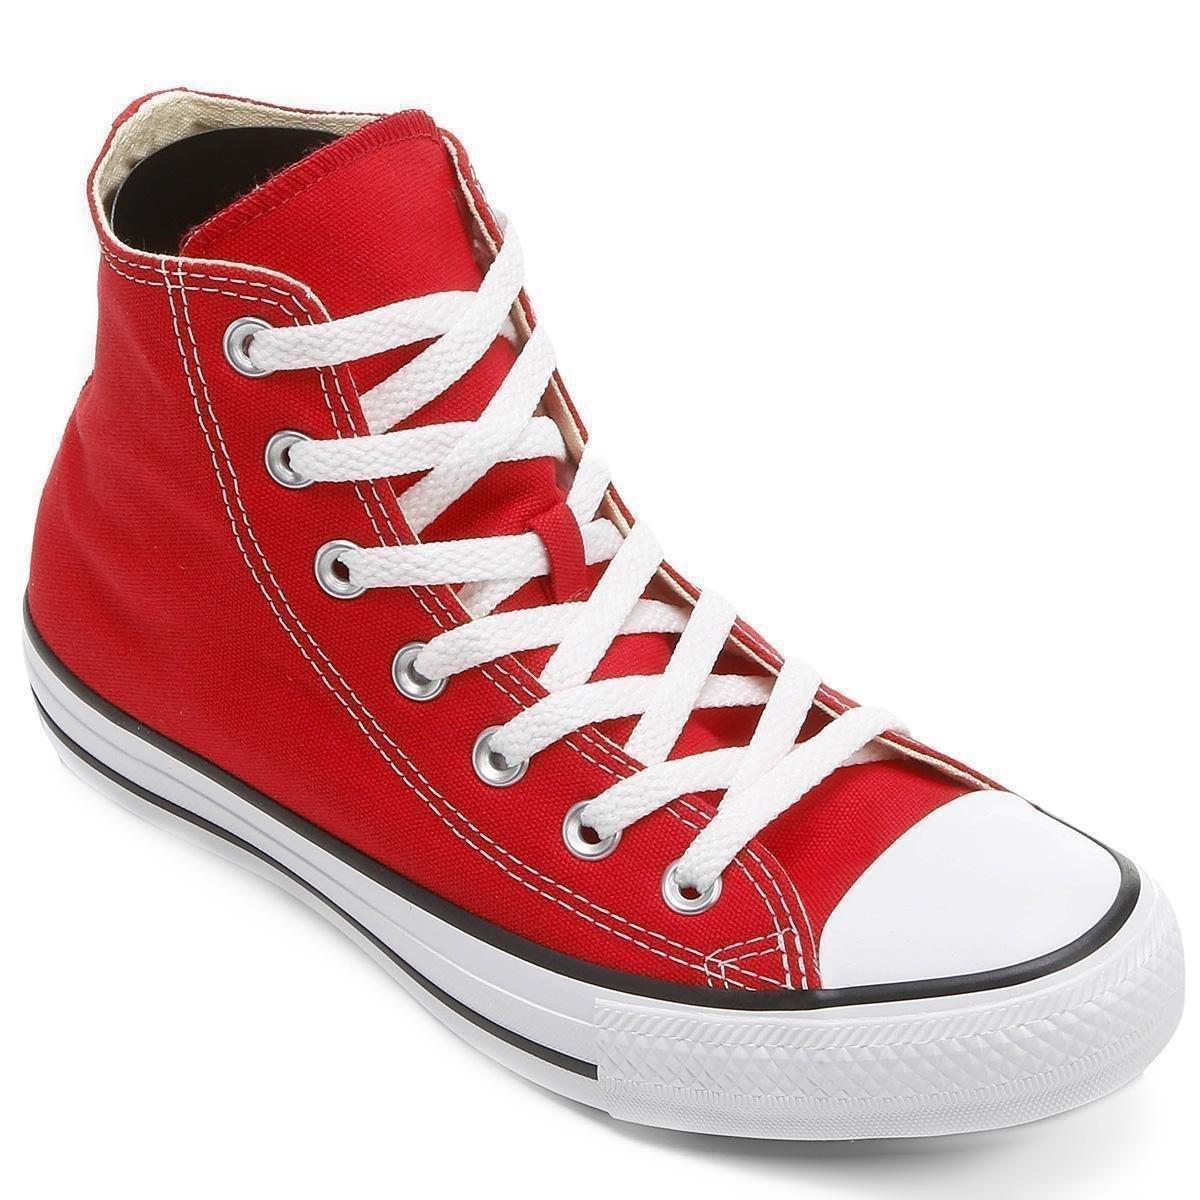 Tênis Cano Alto Converse Chuck Taylor All Star HI - Vermelho e Branco -  Compre Agora  21c2576747d